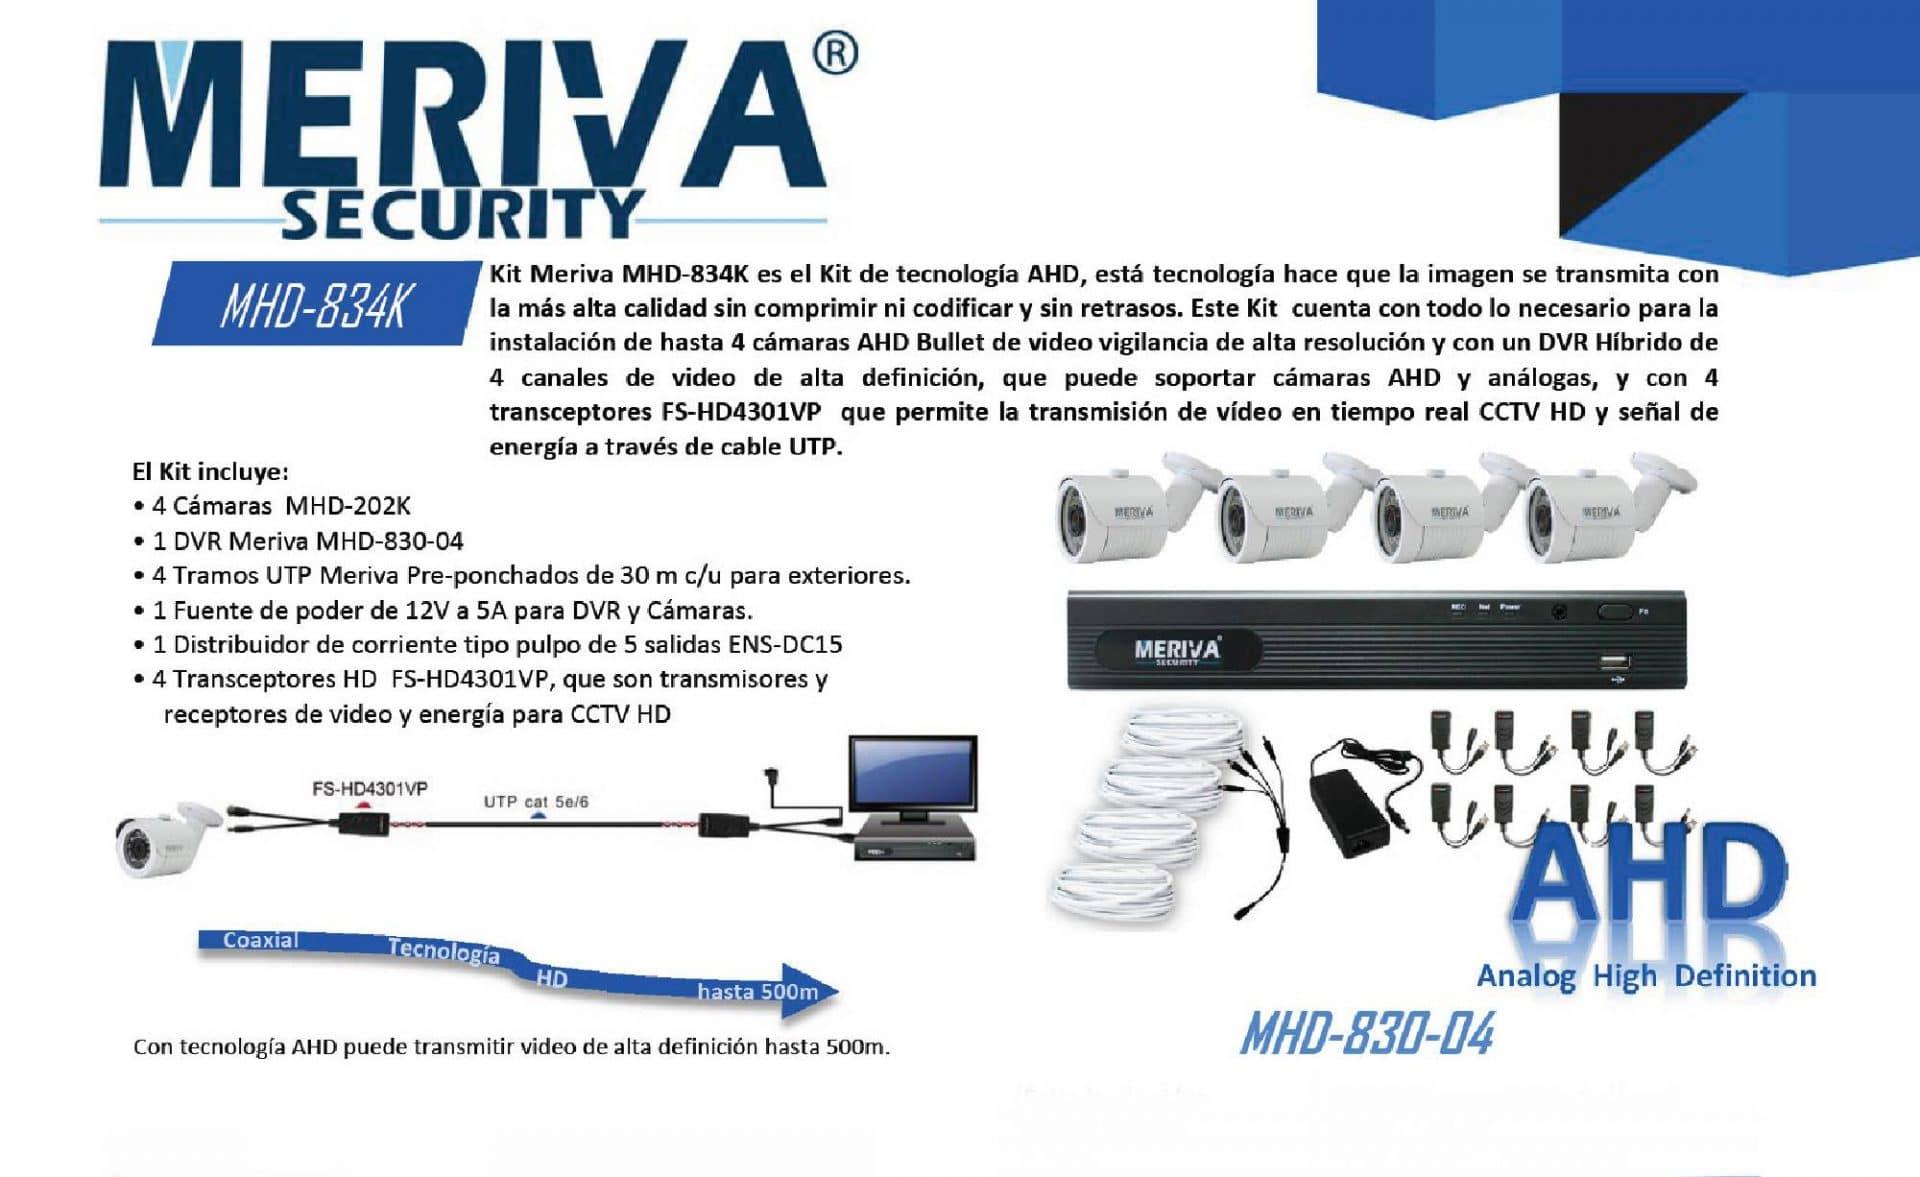 kit3-2000x1226-37